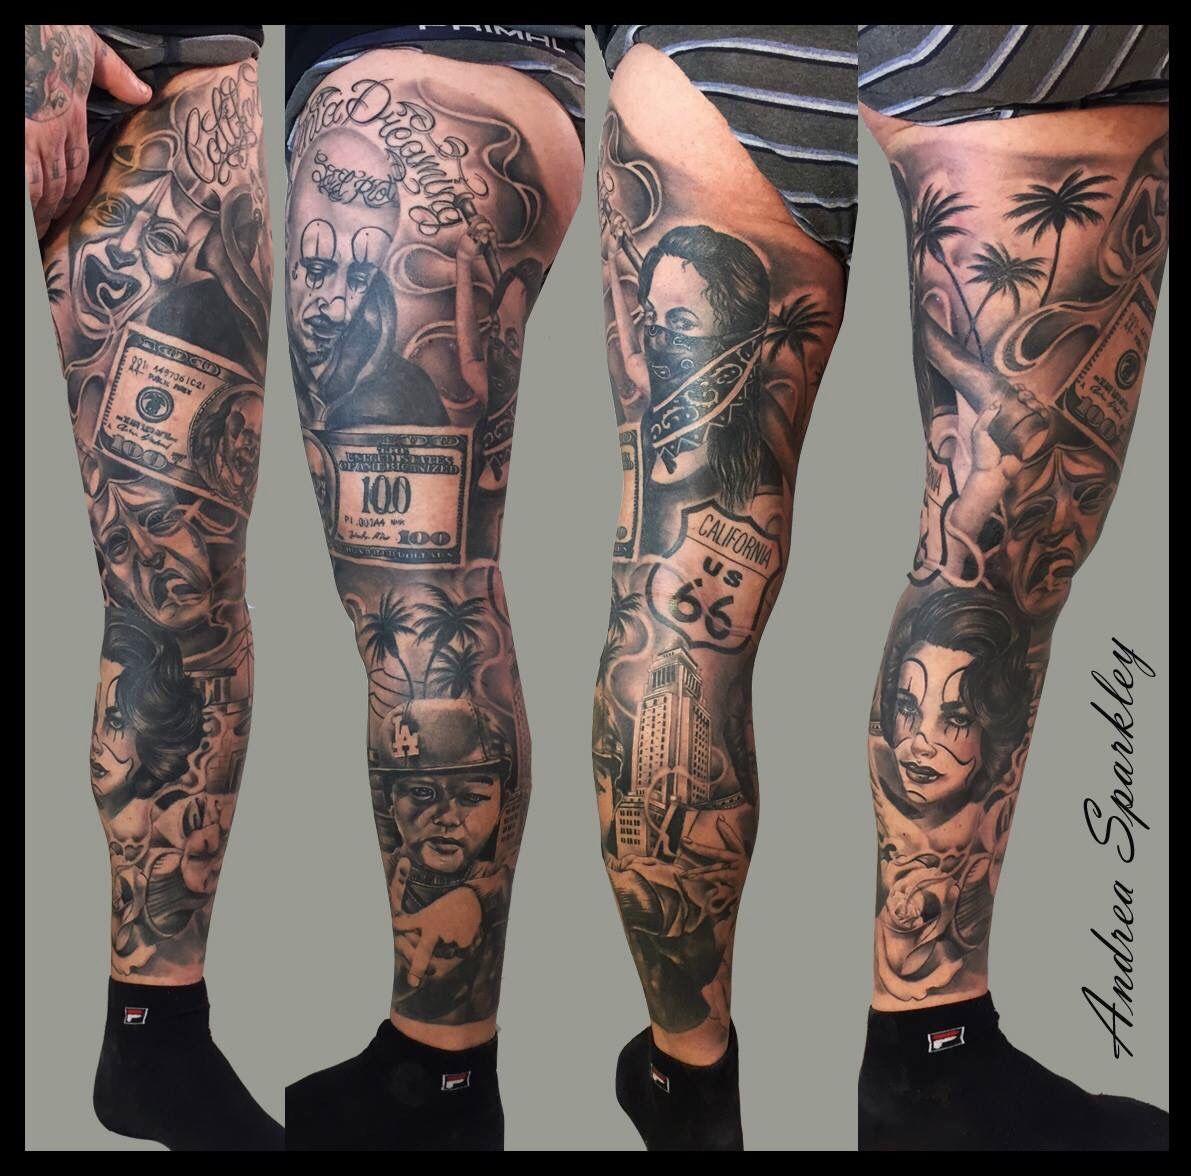 Tattoo Ideas Magazine: Like The Idea And Great Artwork